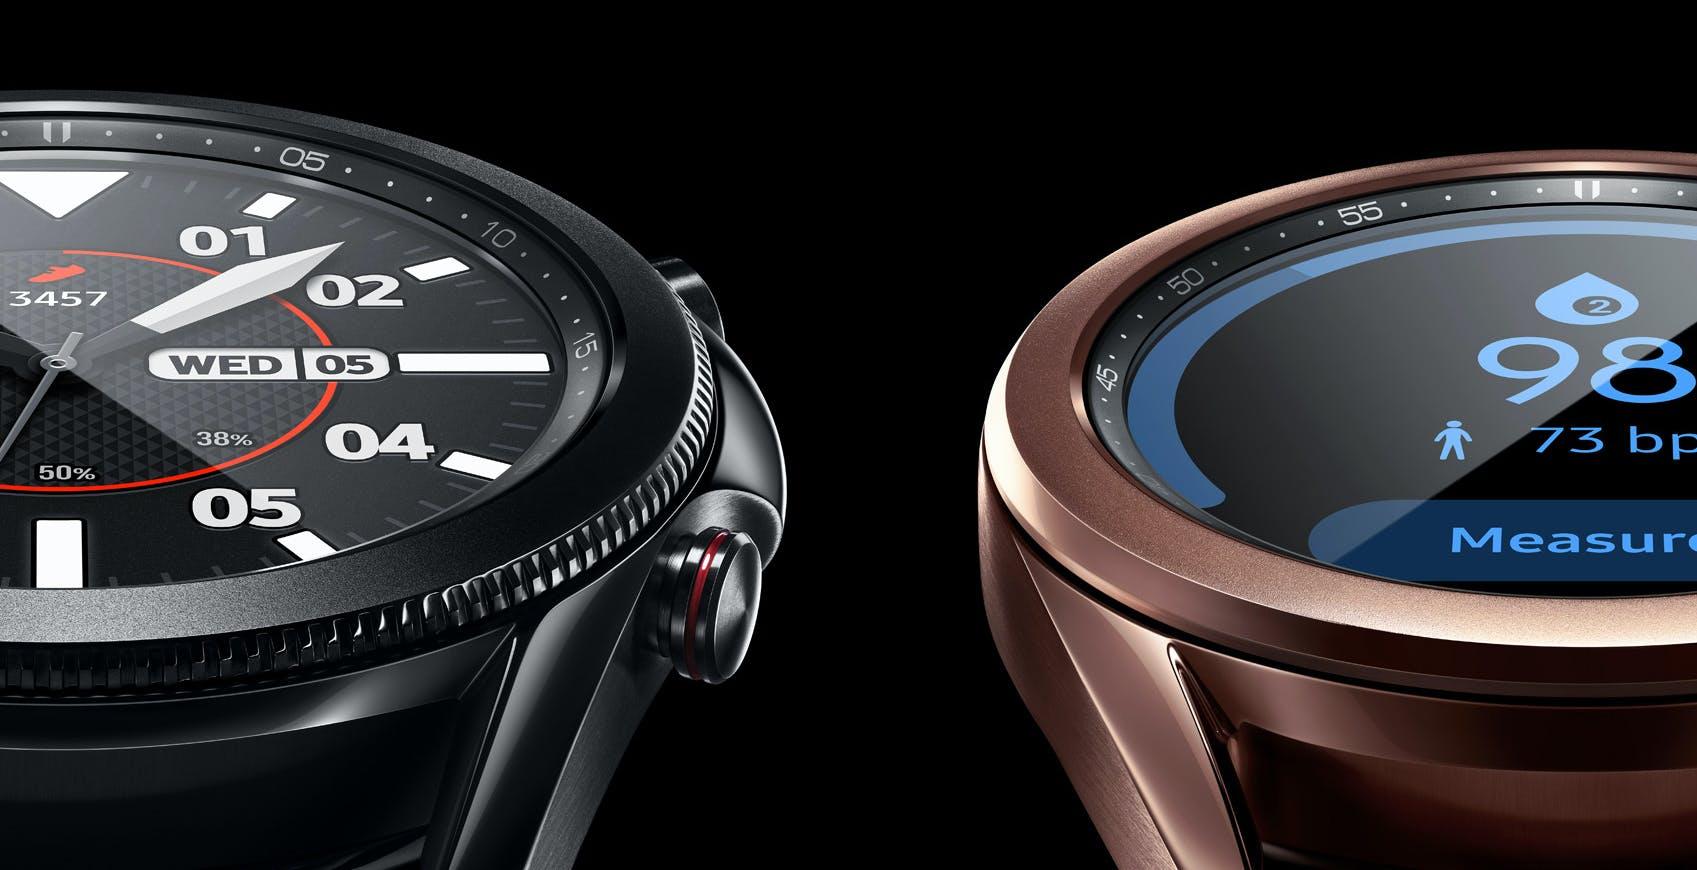 Galaxy Watch3 e Galaxy Watch Active2 ora misurano la pressione sanguigna e fanno elettrocardiogrammi